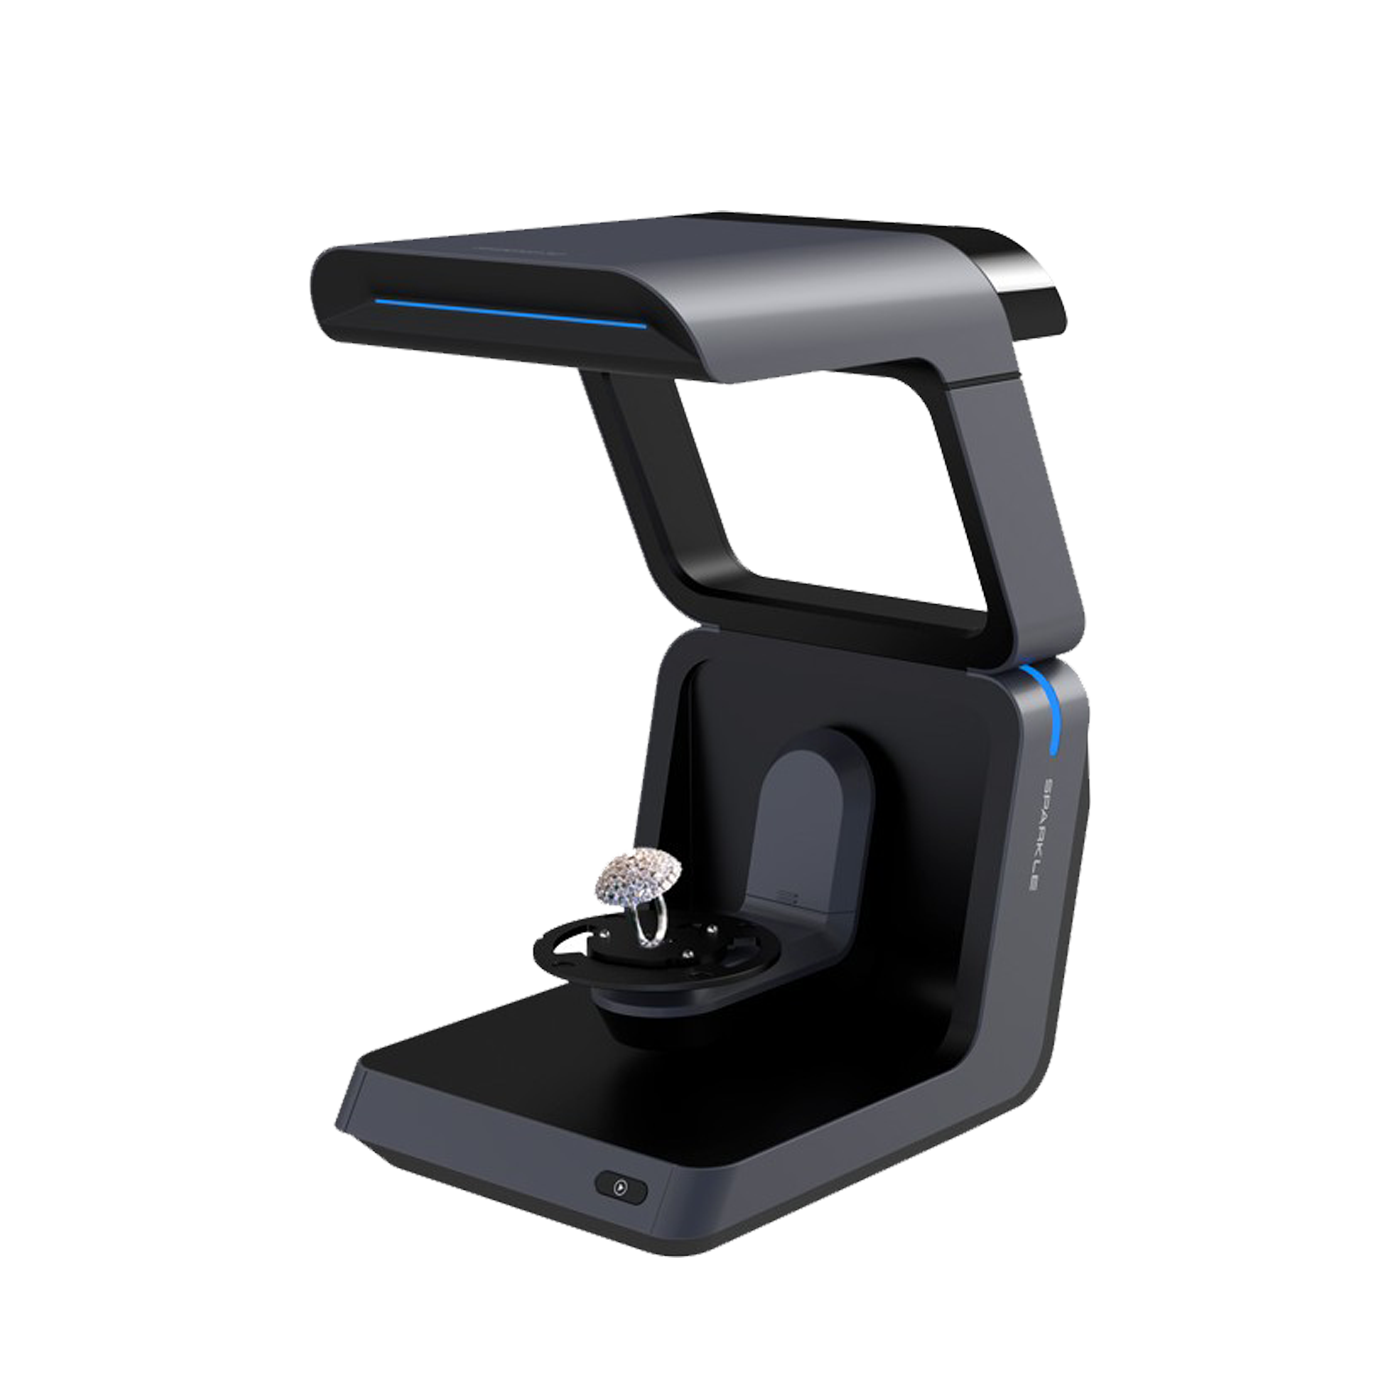 AutoScan Sparkle Jewellery 3D Scanner